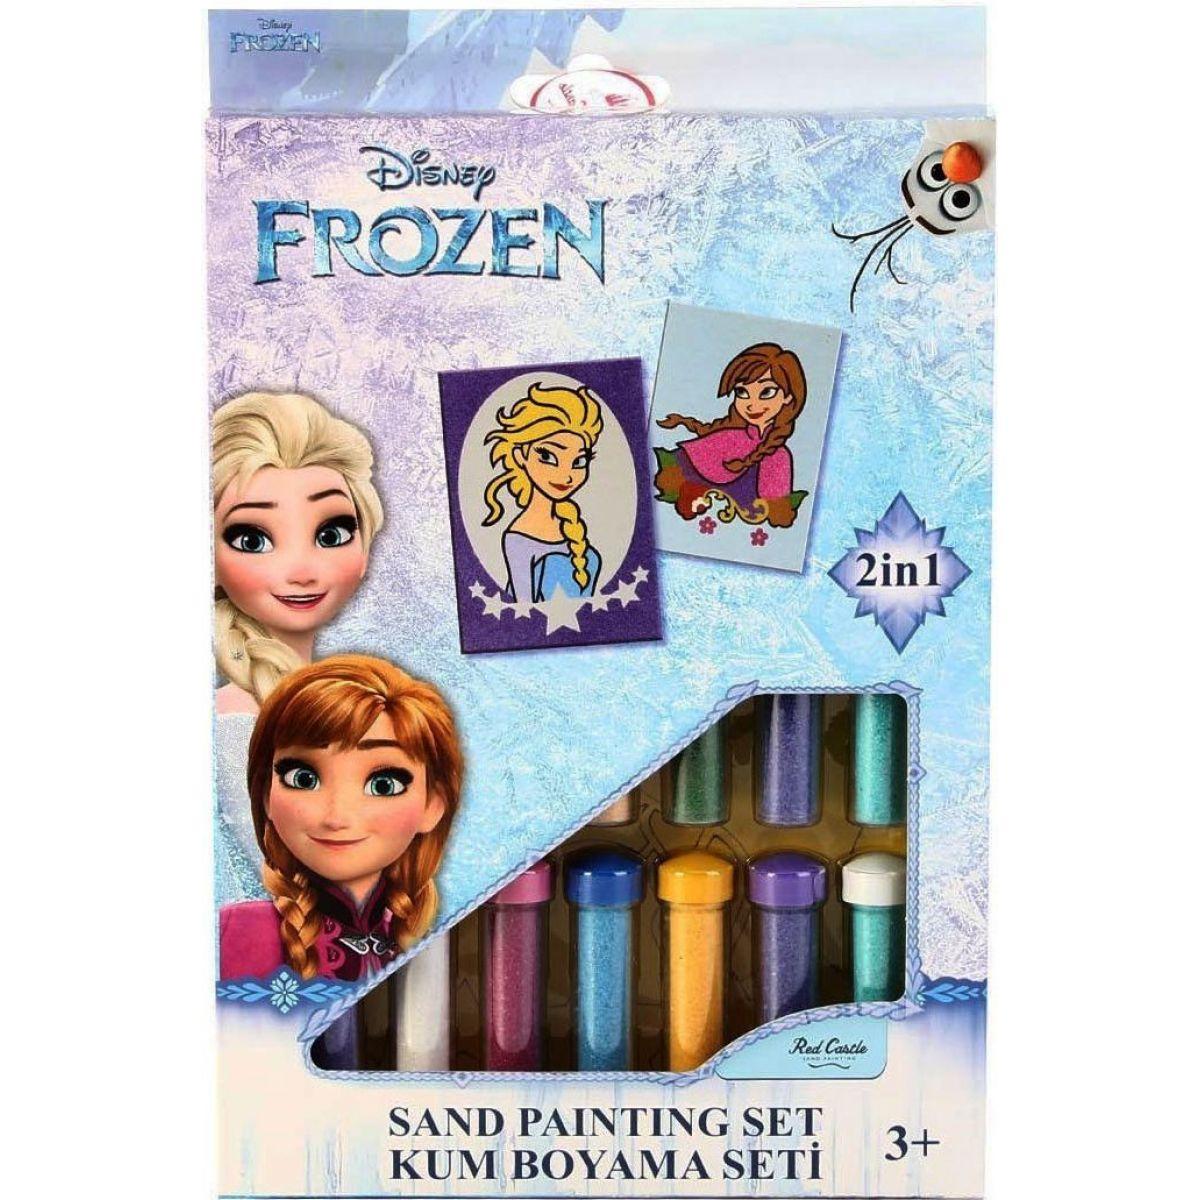 Hama Pískování obrázků 2 v 1 Ledové království Elsa a Anna